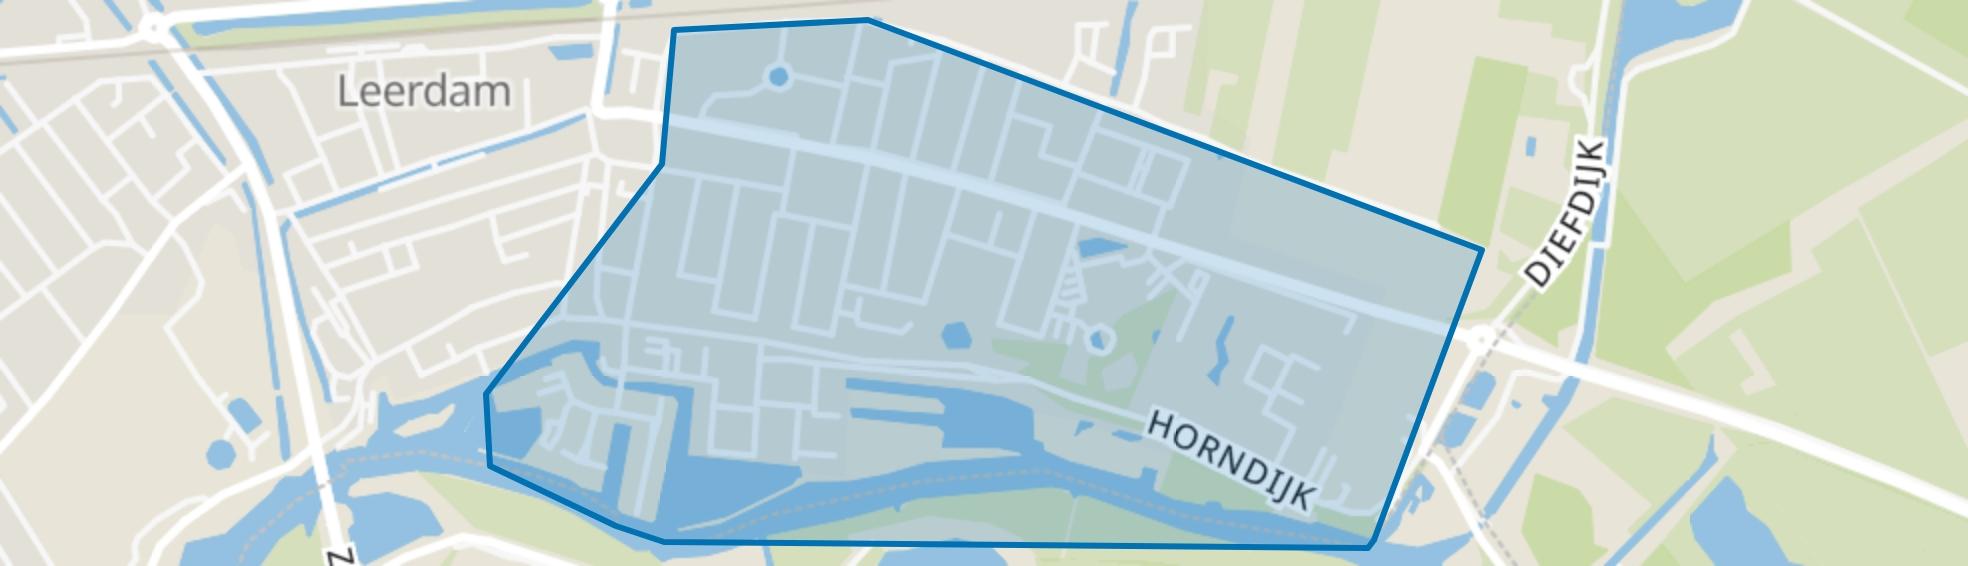 Leerdam-Oost, Leerdam map